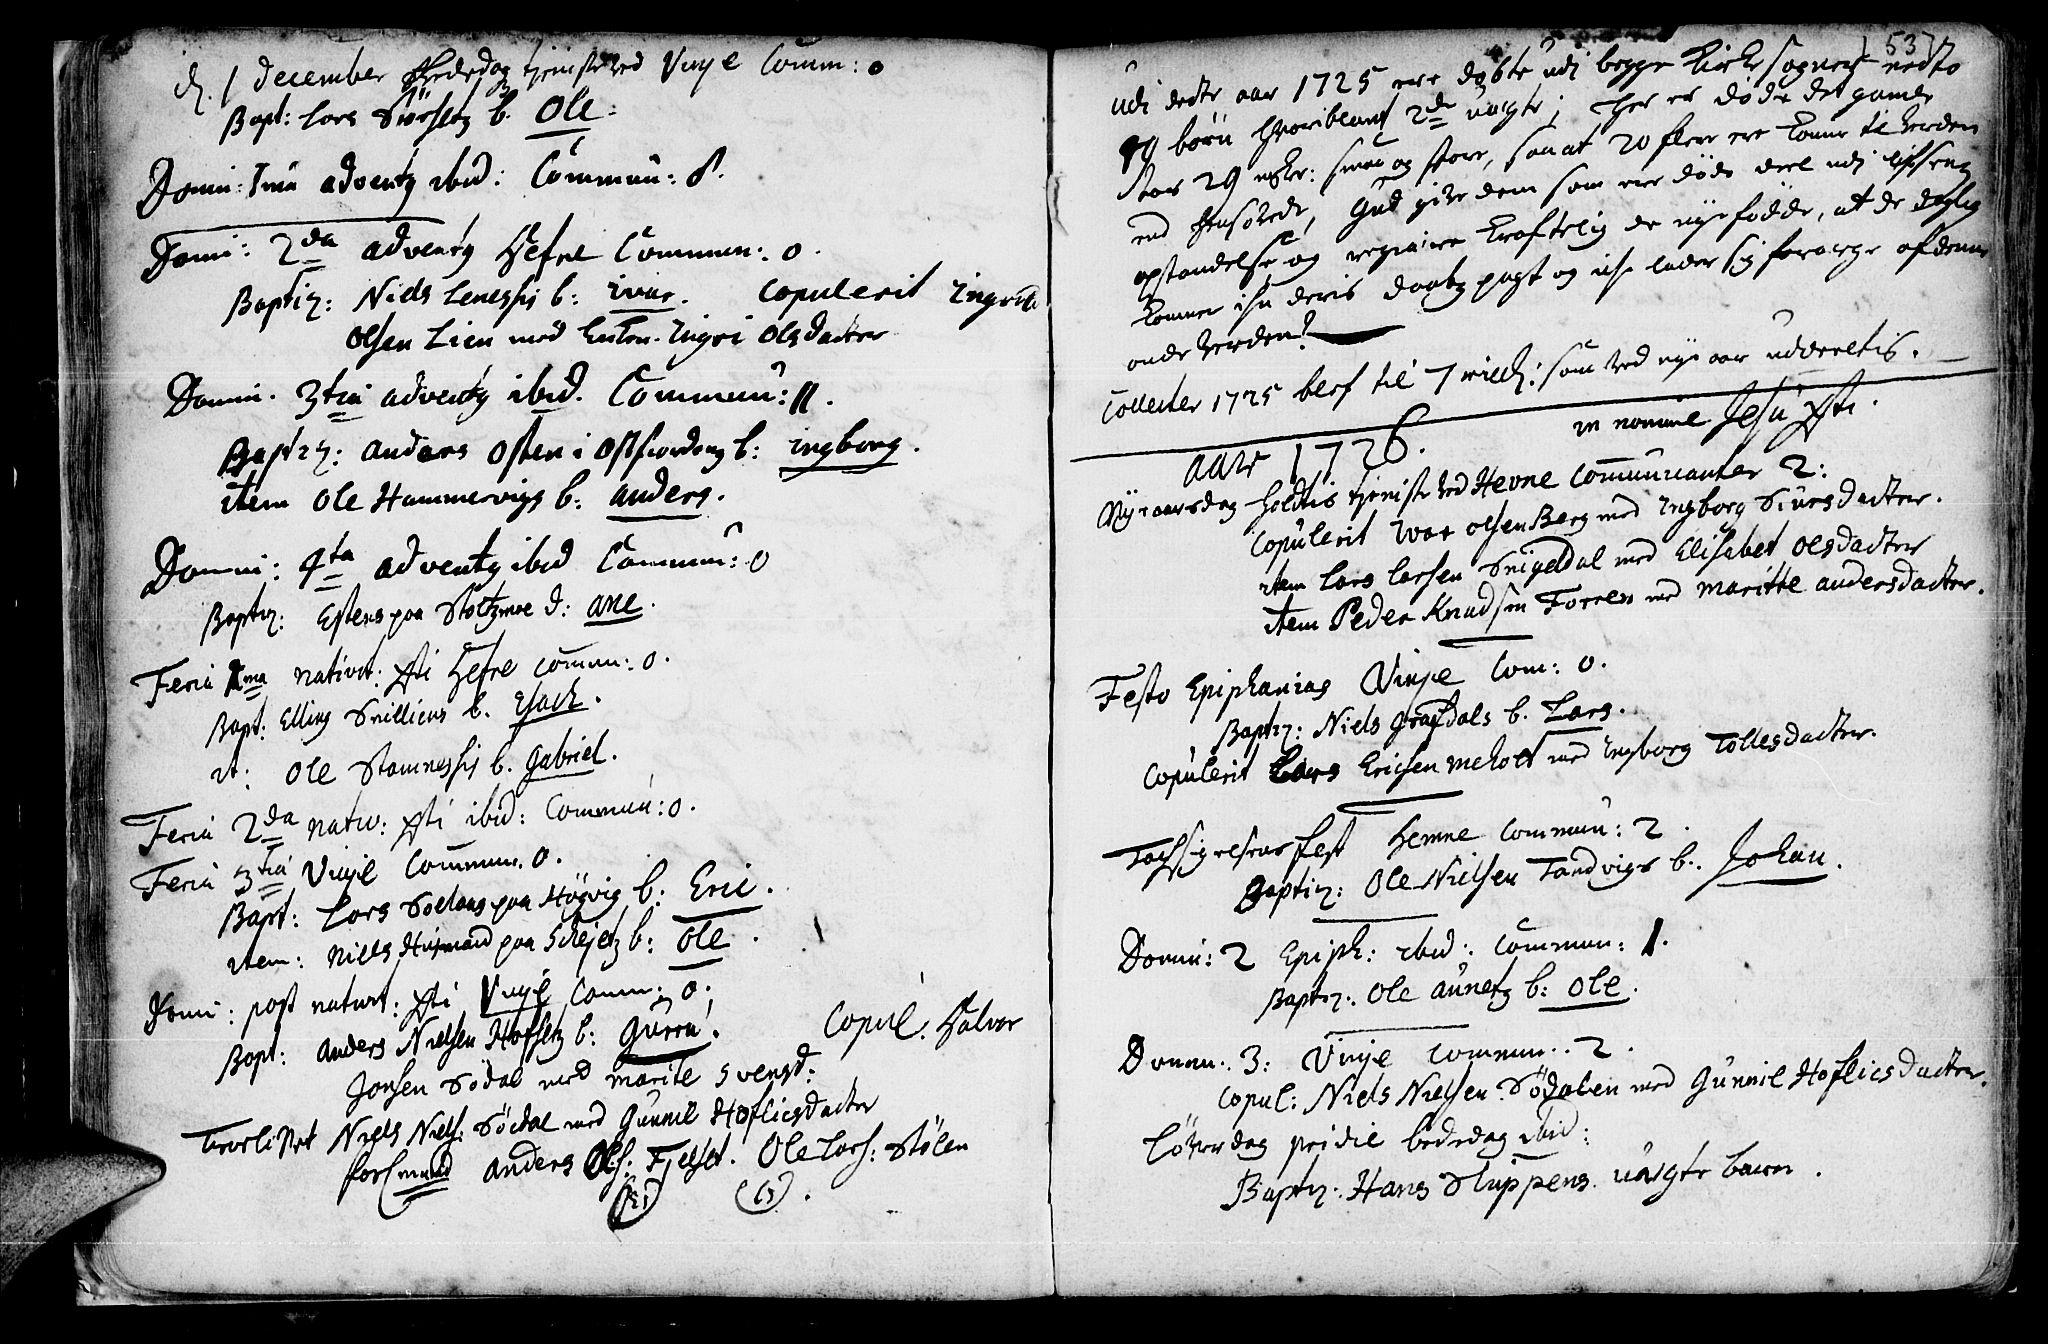 SAT, Ministerialprotokoller, klokkerbøker og fødselsregistre - Sør-Trøndelag, 630/L0488: Ministerialbok nr. 630A01, 1717-1756, s. 52-53